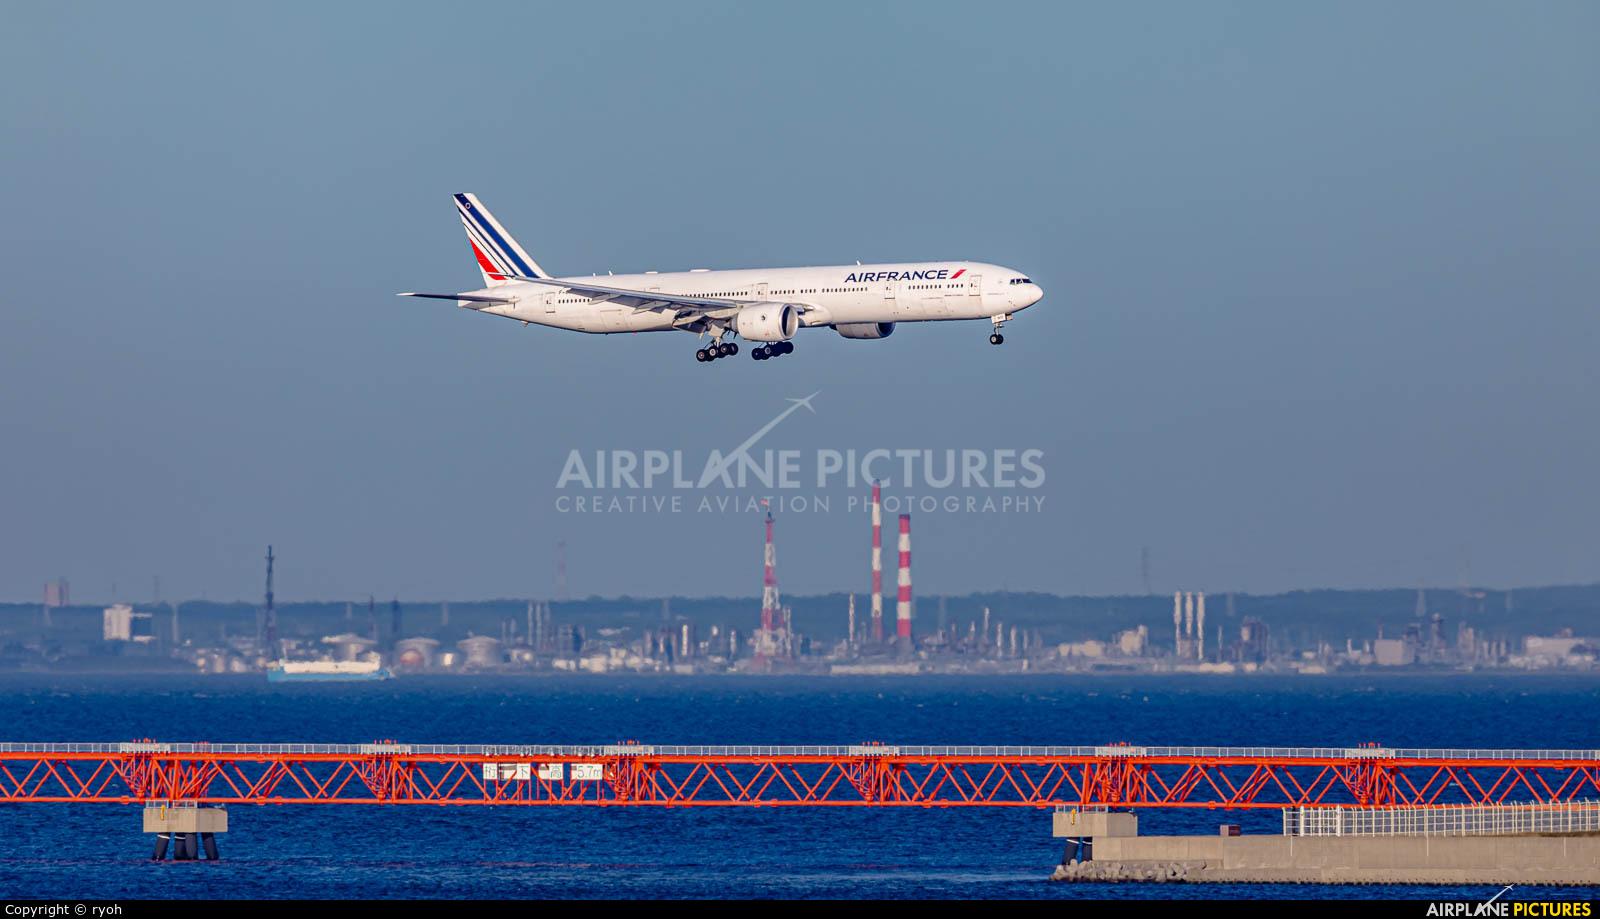 Air France - Airlinair F-GZND aircraft at Tokyo - Haneda Intl